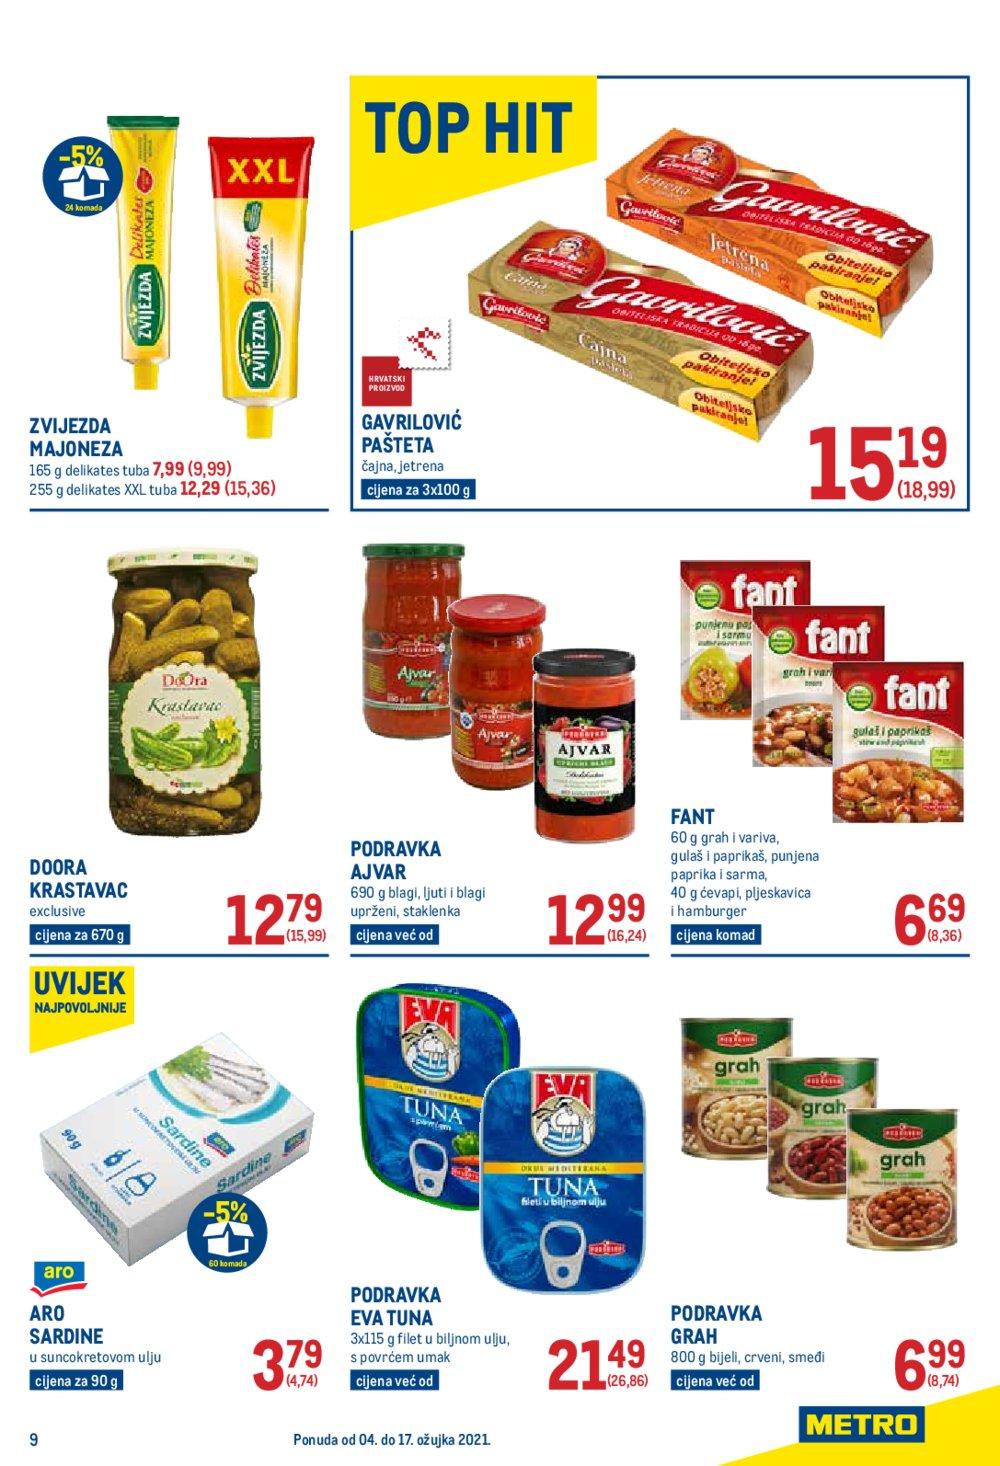 Metro katalog Prehrana 04.03.-17.03.2021.